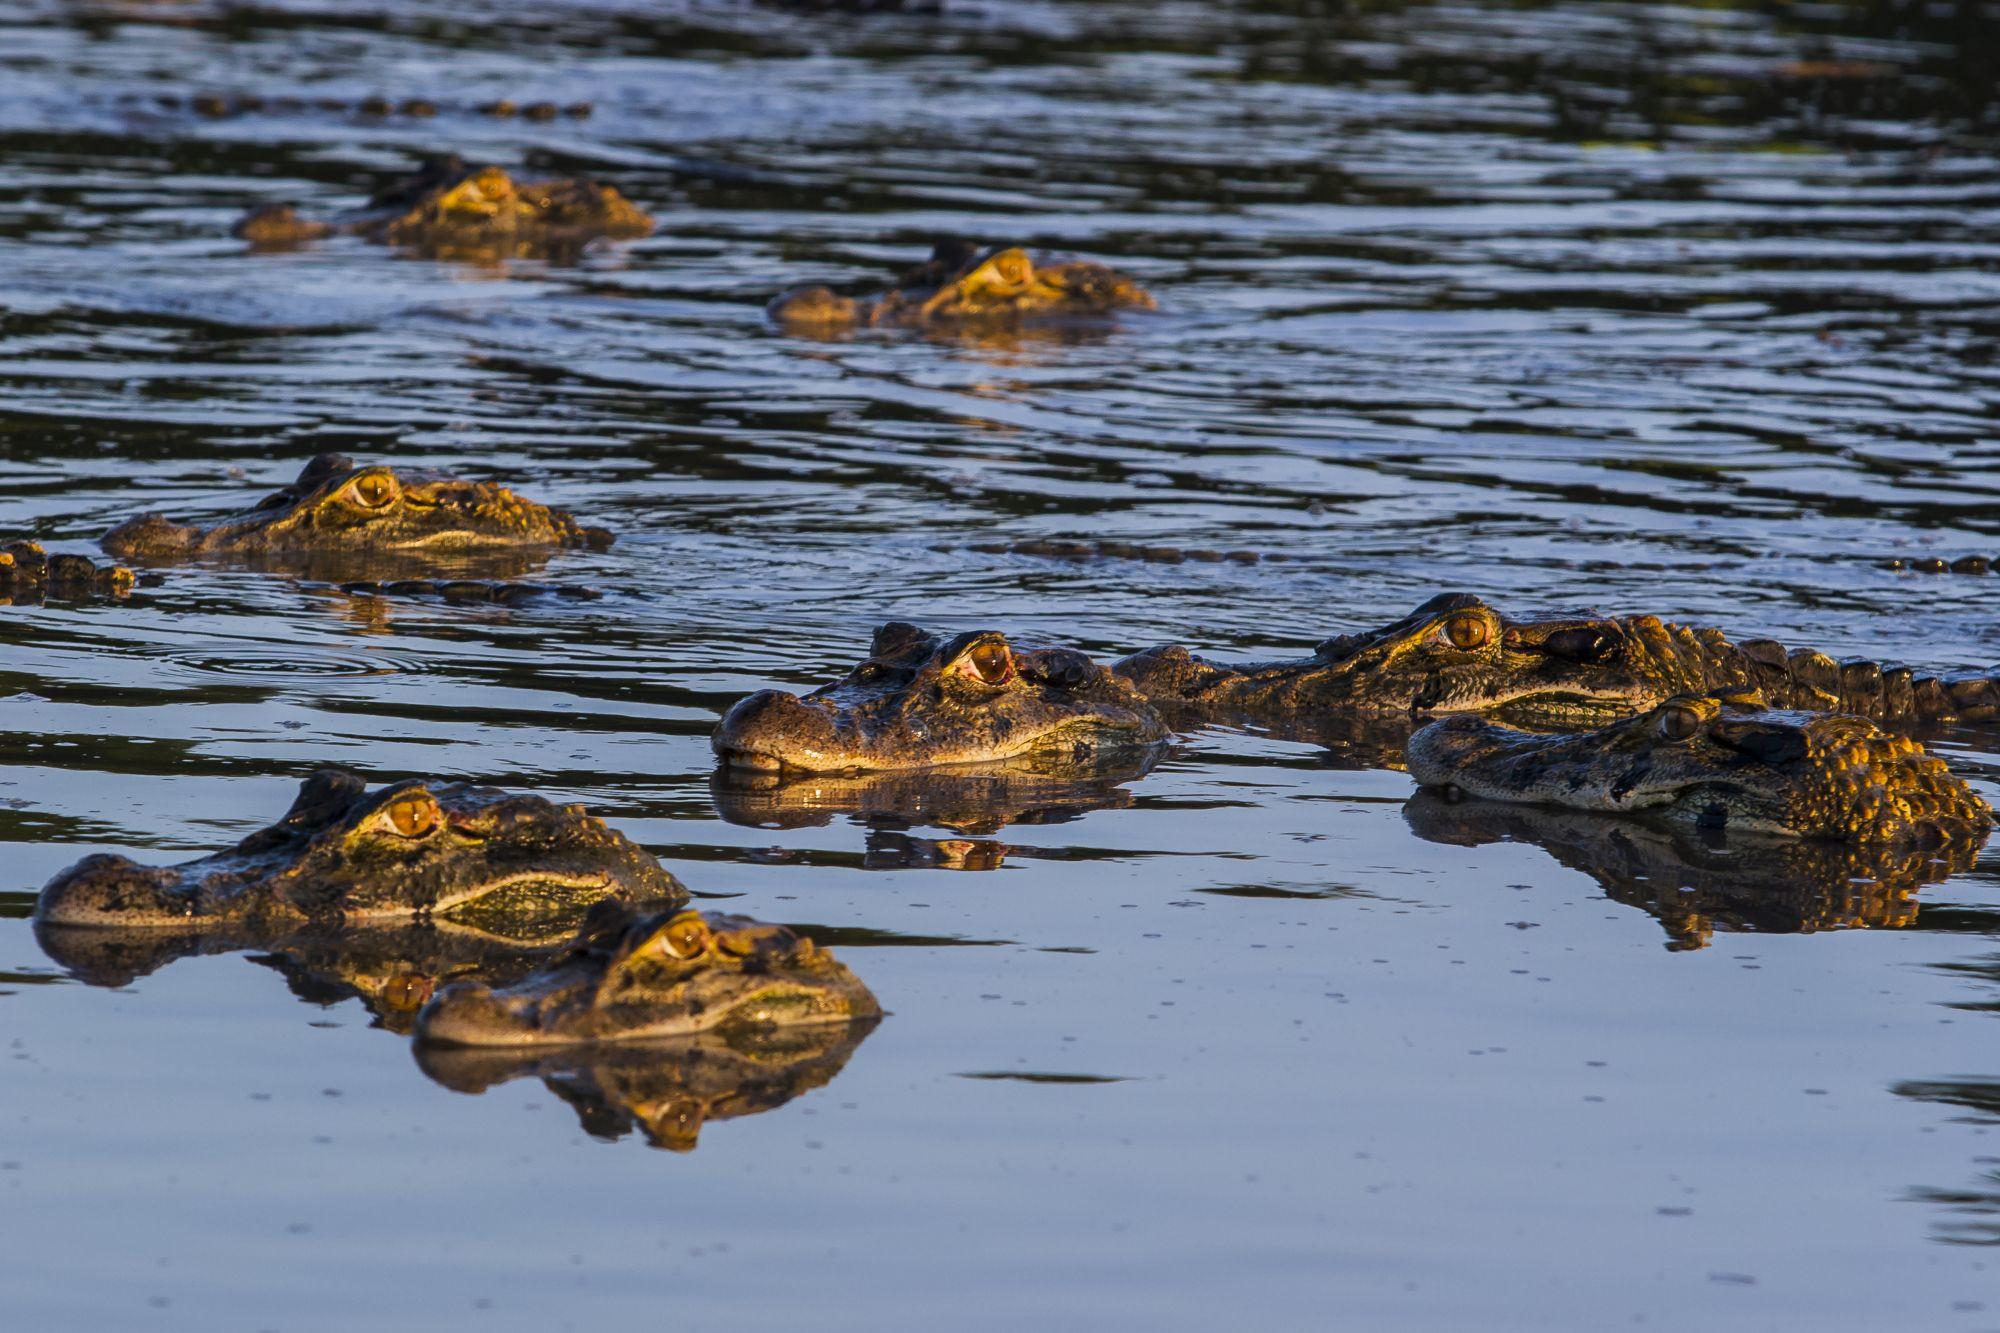 La presencia de caimán negro en el agua se asocia con presencia de peces. Foto: Marcelo Ismar Santana.